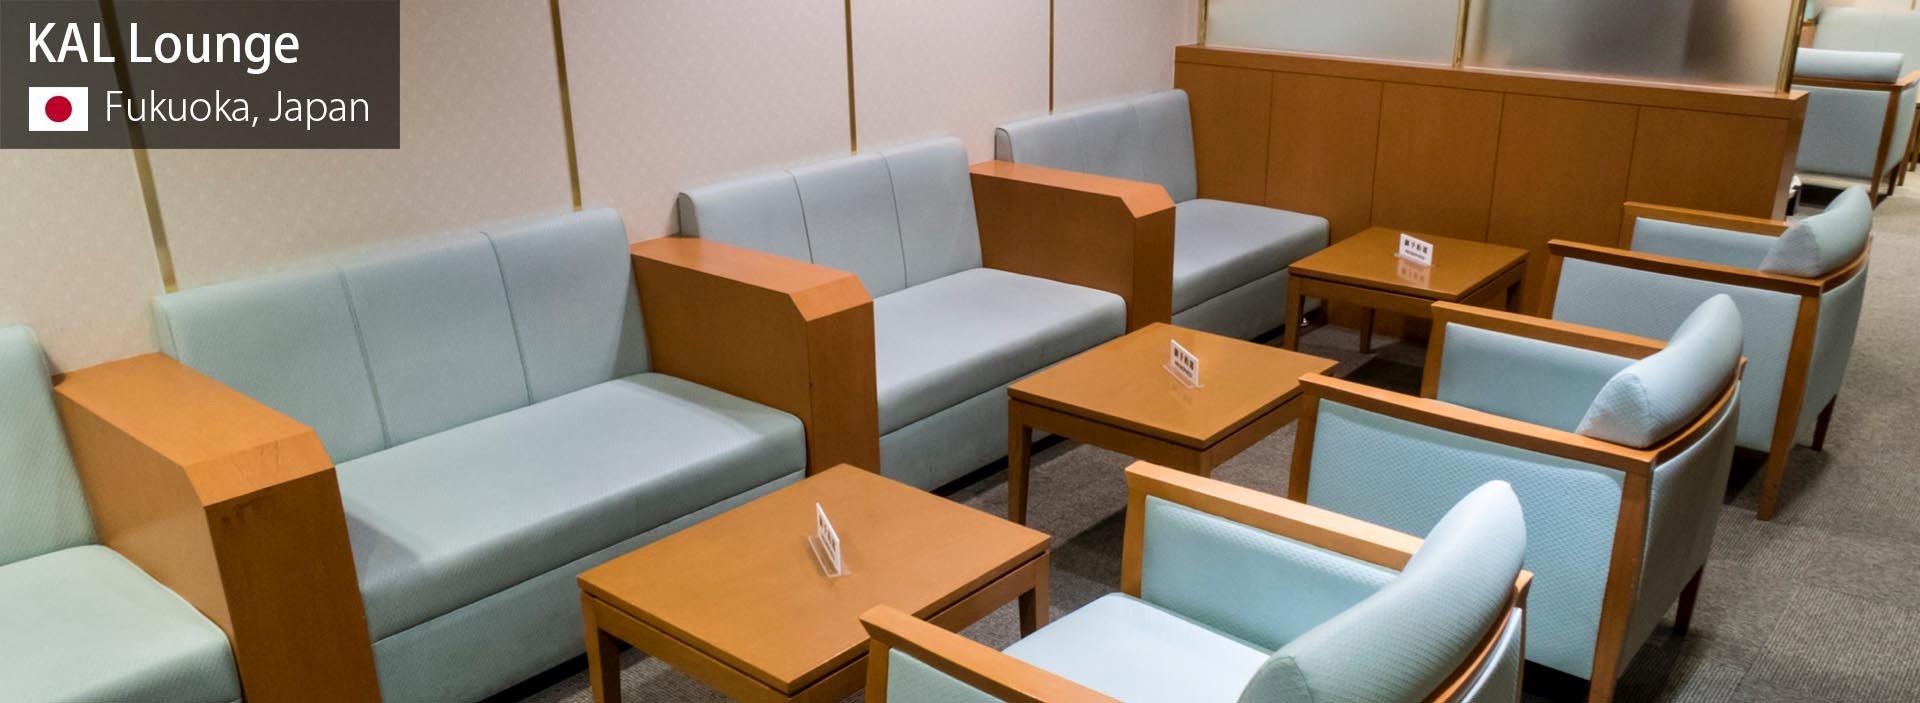 Lounge Review: KAL Lounge at Fukuoka International